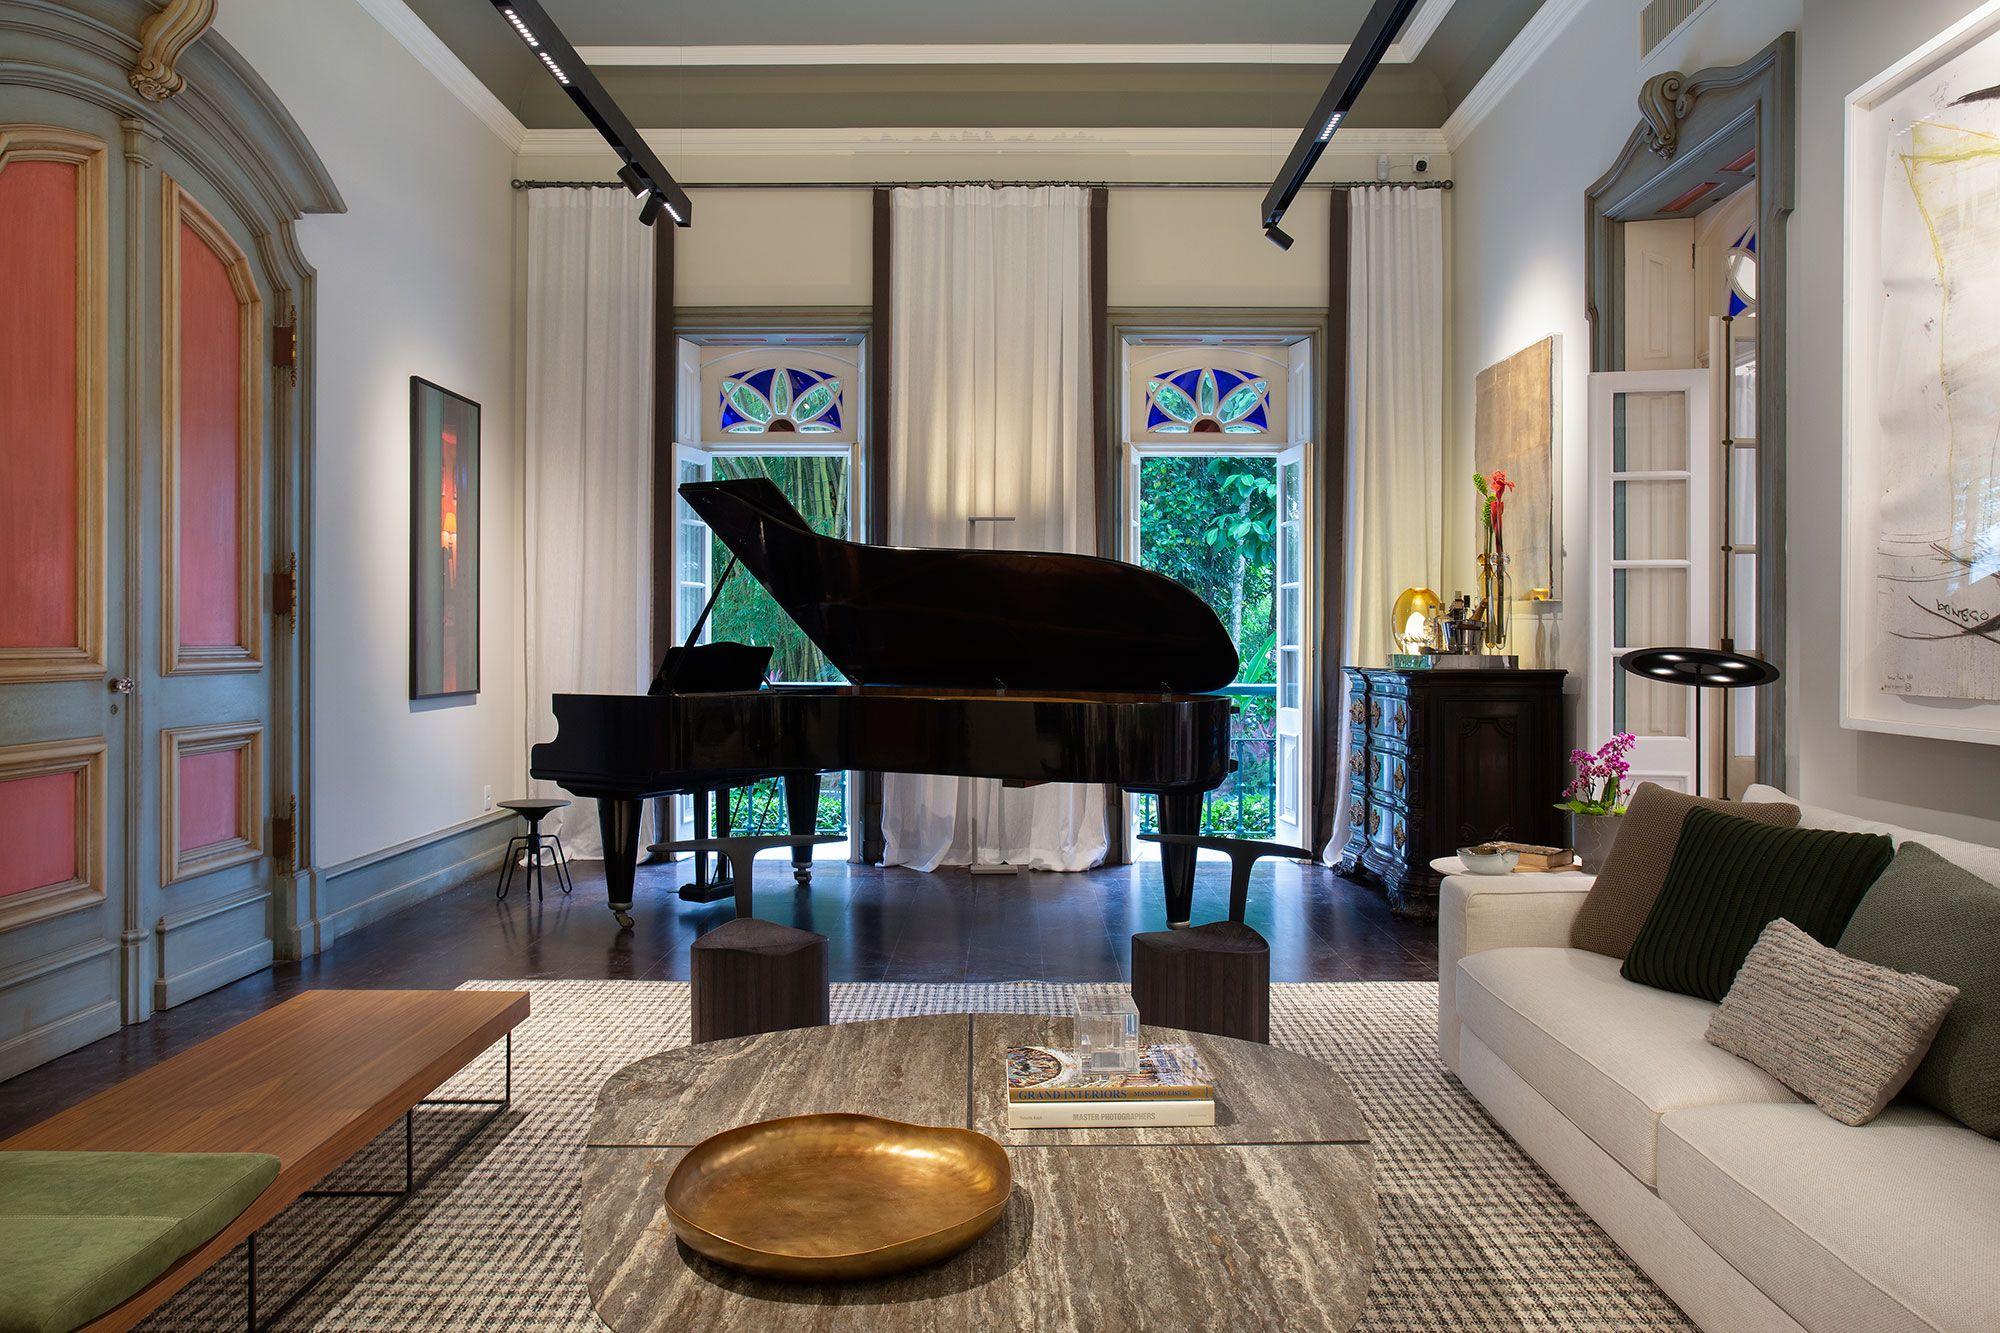 sala do piano casacor rio